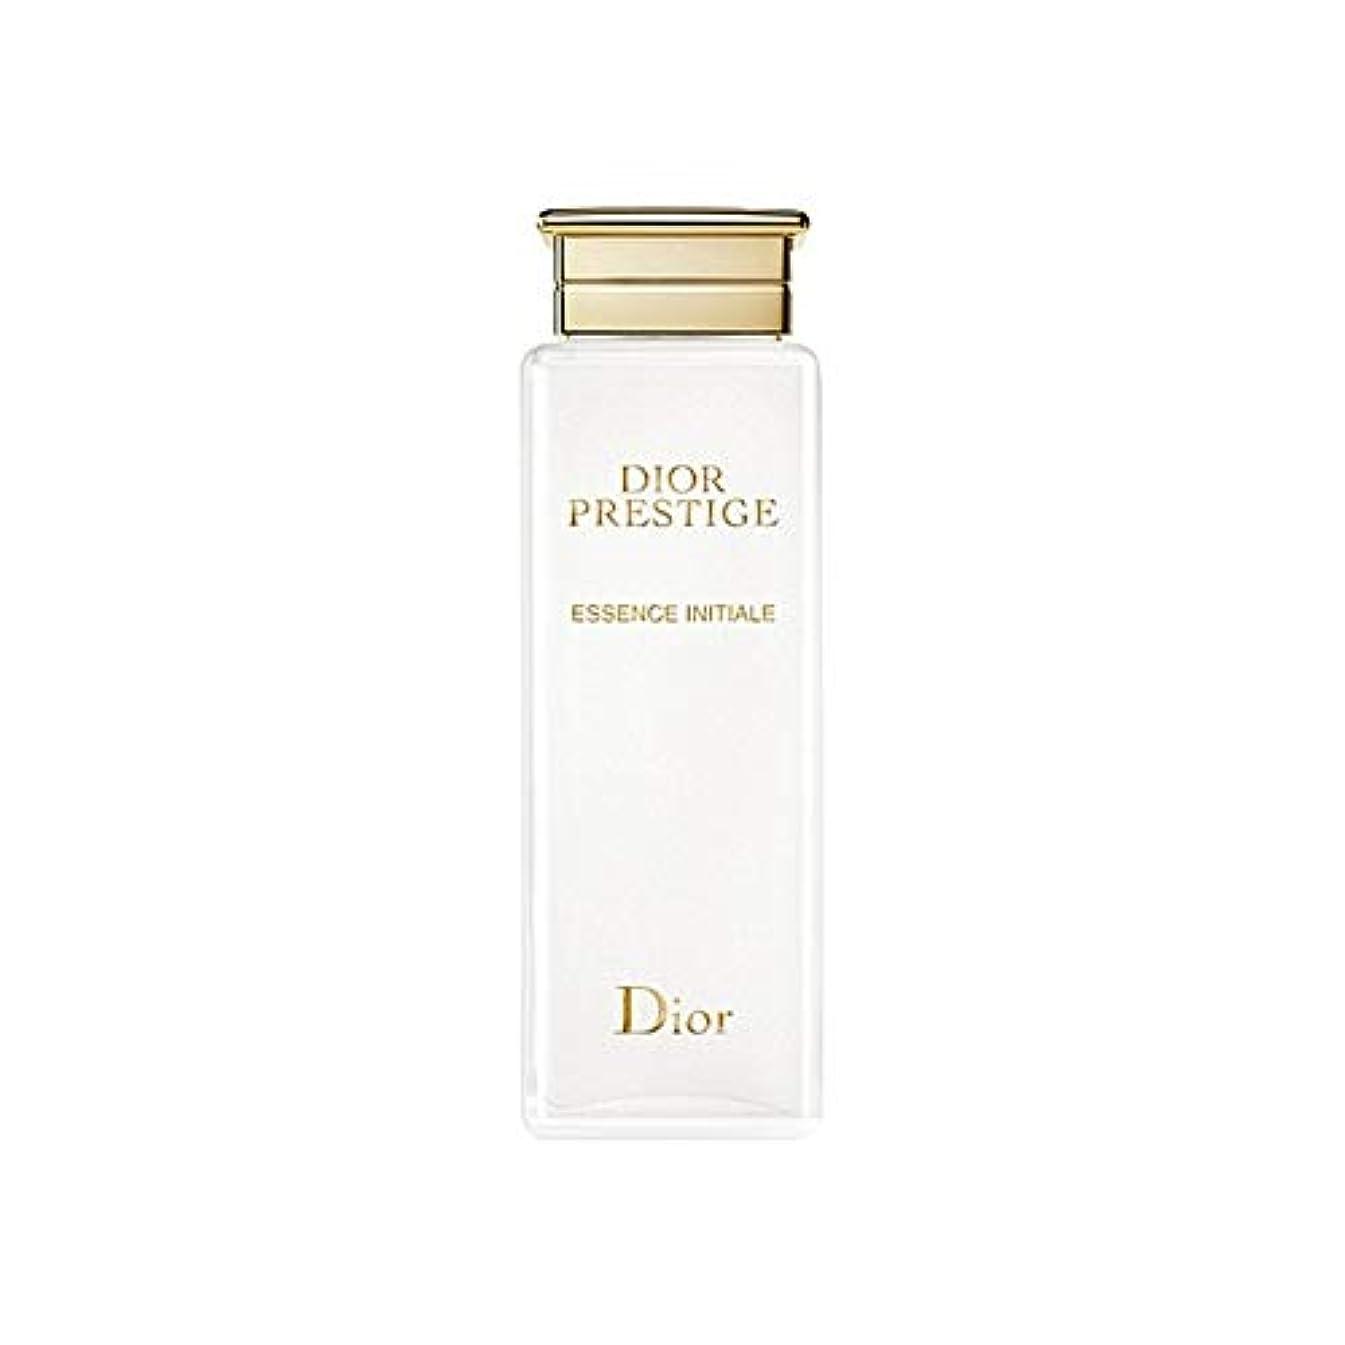 シロナガスクジラひどくアルネ[Dior] 血清200ミリリットルイニシャルディオールプレステージエッセンス - Dior Prestige Essence Initiale Serum 200ml [並行輸入品]